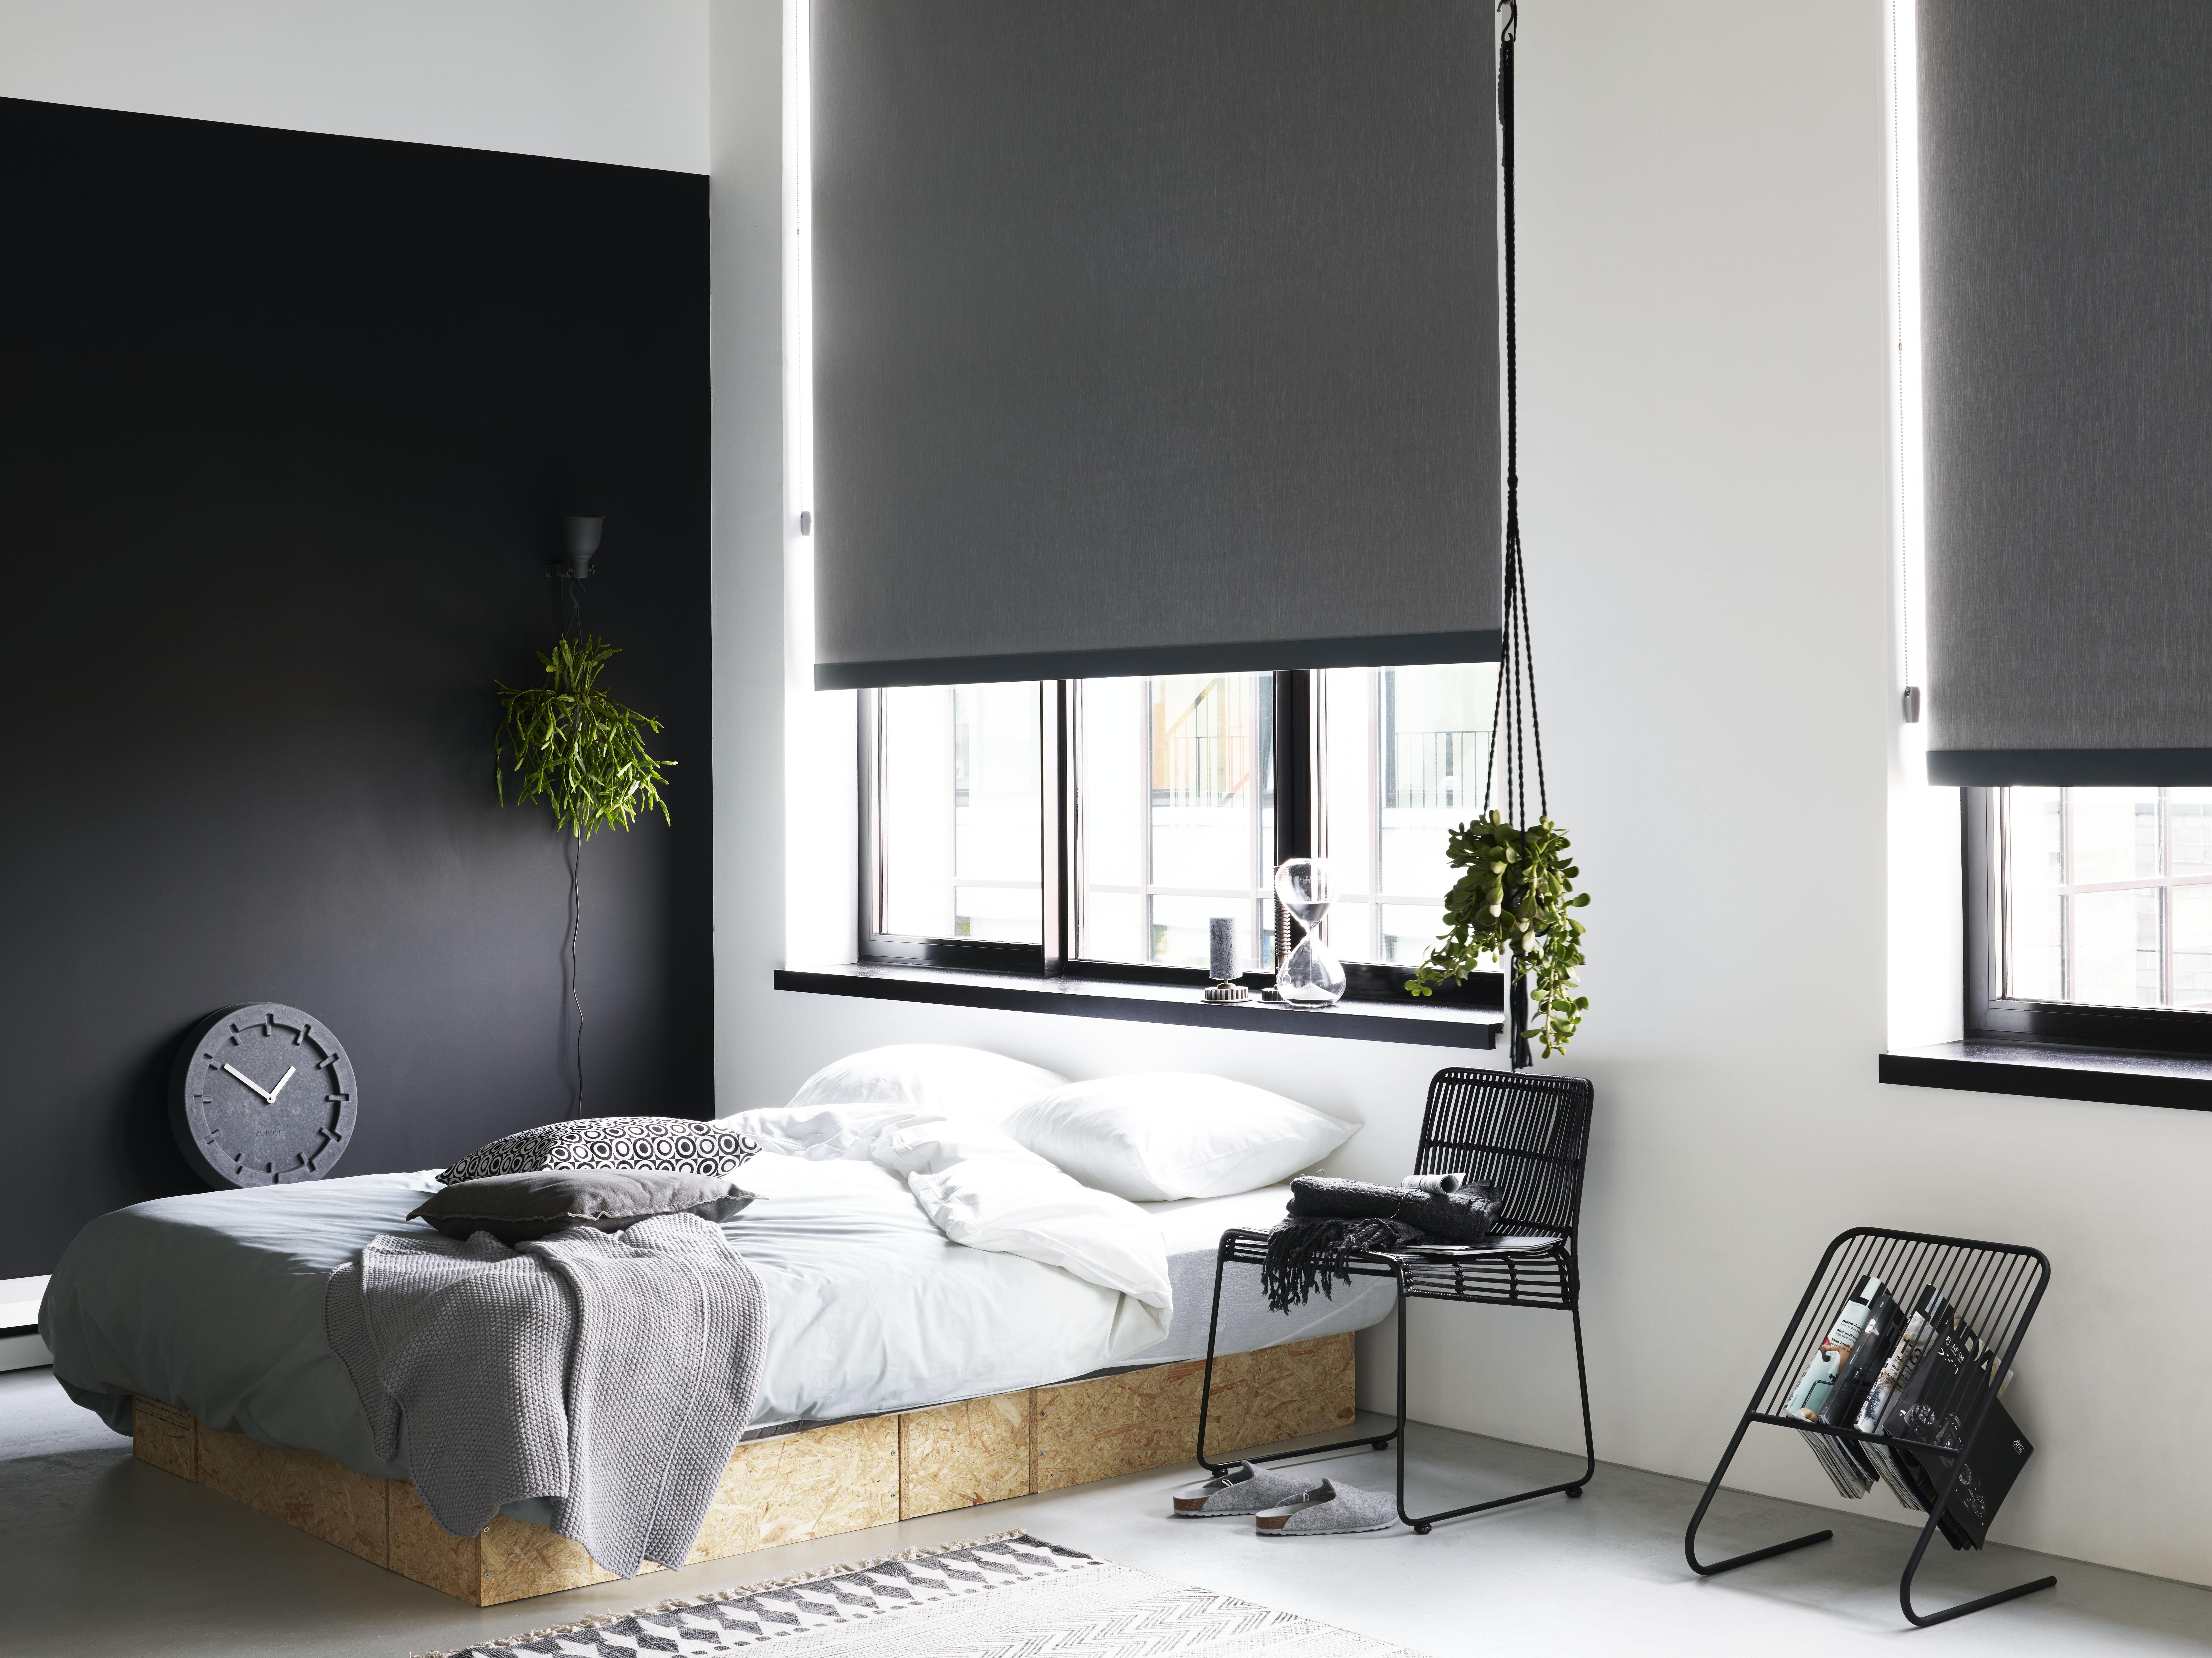 garder une maison awesome si le froid pntre toujours dans votre intrieur essayez de suivre. Black Bedroom Furniture Sets. Home Design Ideas